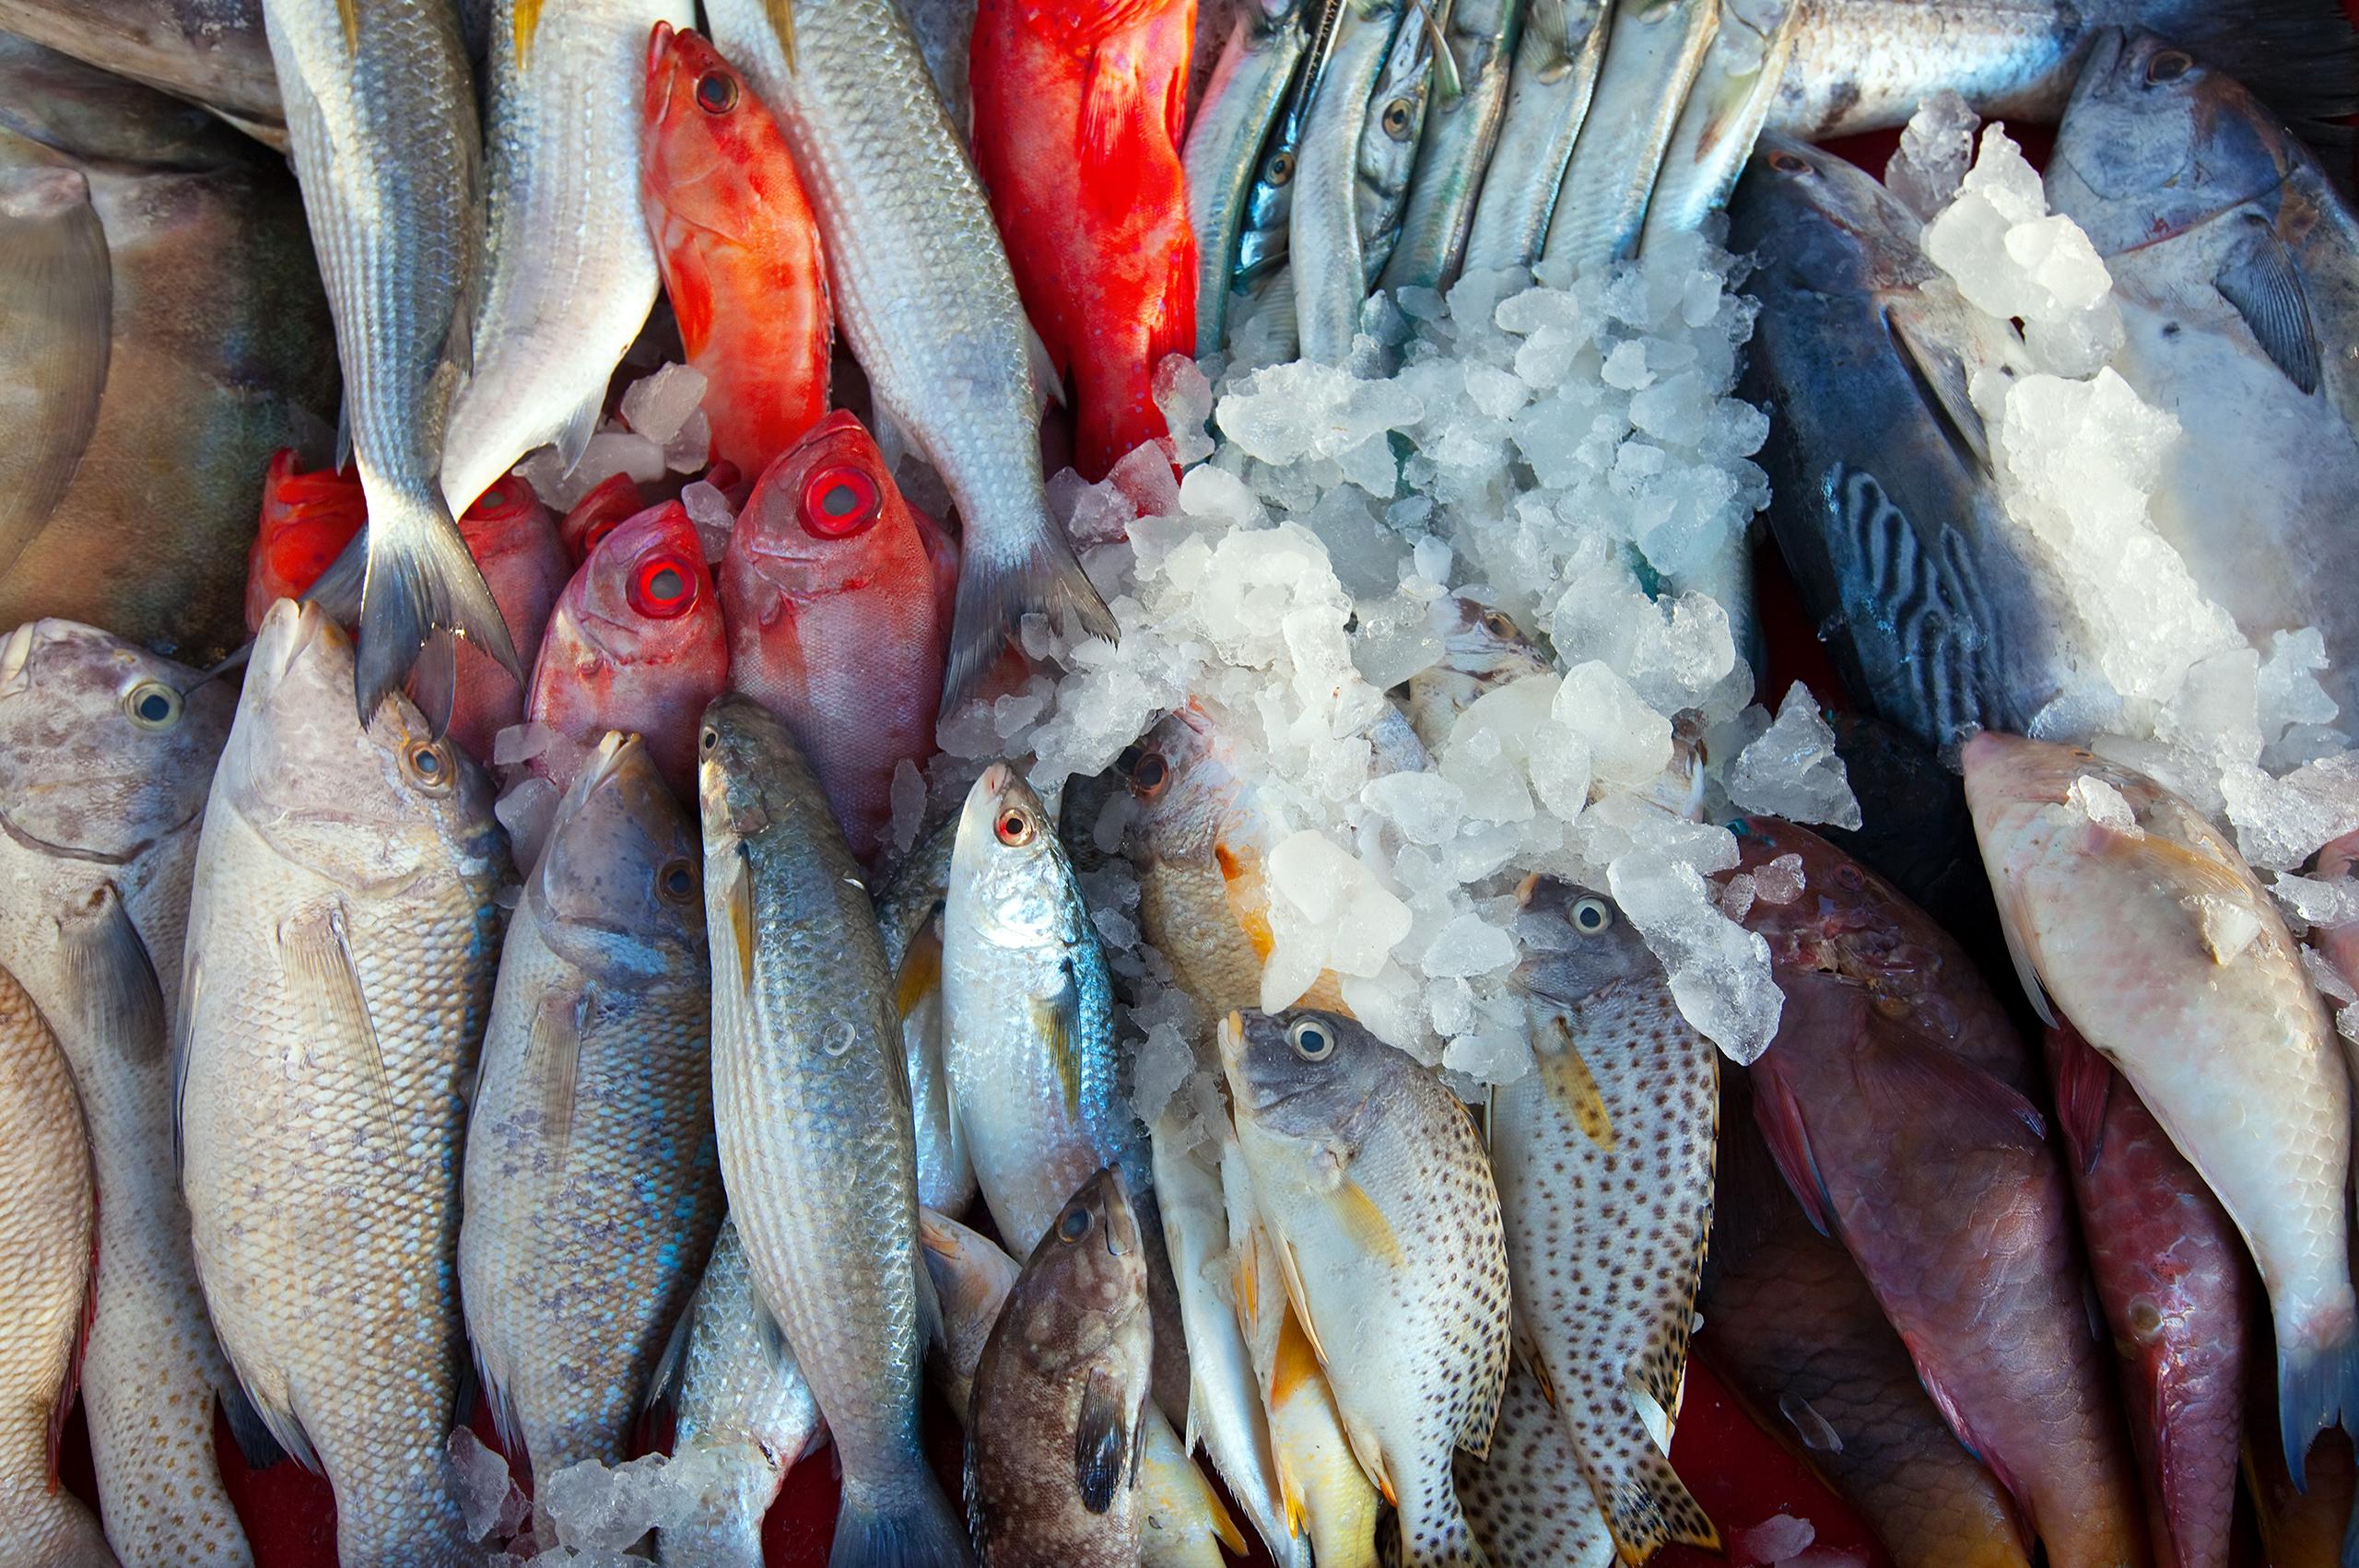 Pesce fresco di stagione: perché sceglierlo